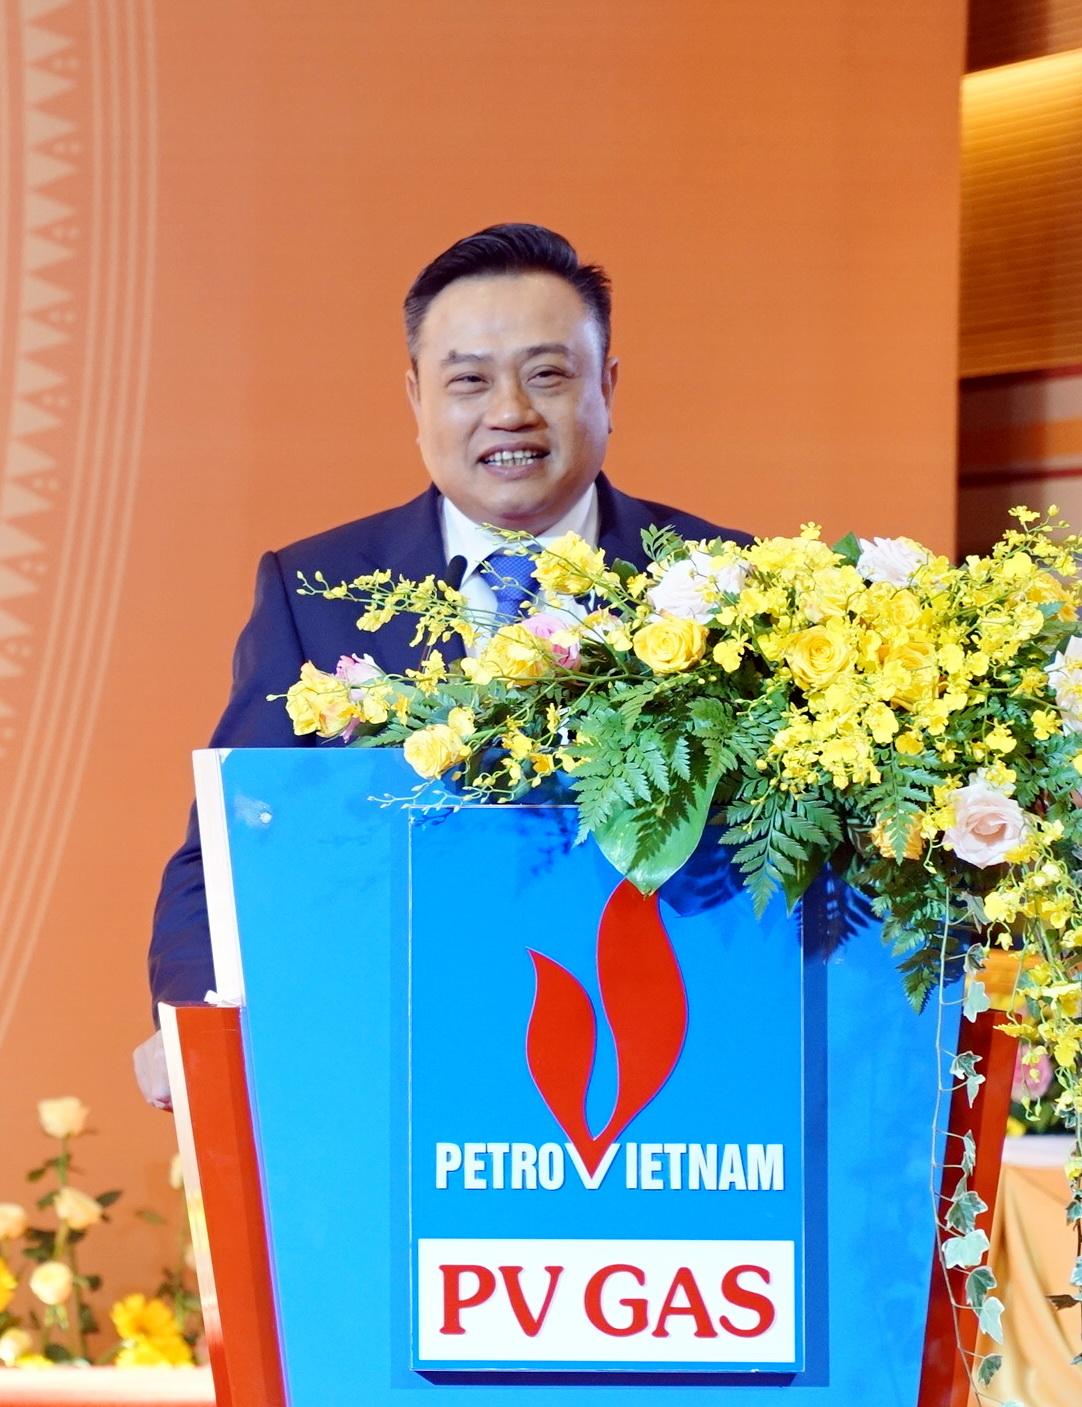 Đồng chí Trần Sỹ Thanh – Bí thư Đảng ủy Chủ tịch HĐTV PVN chúc mừng thành công của Đại hội